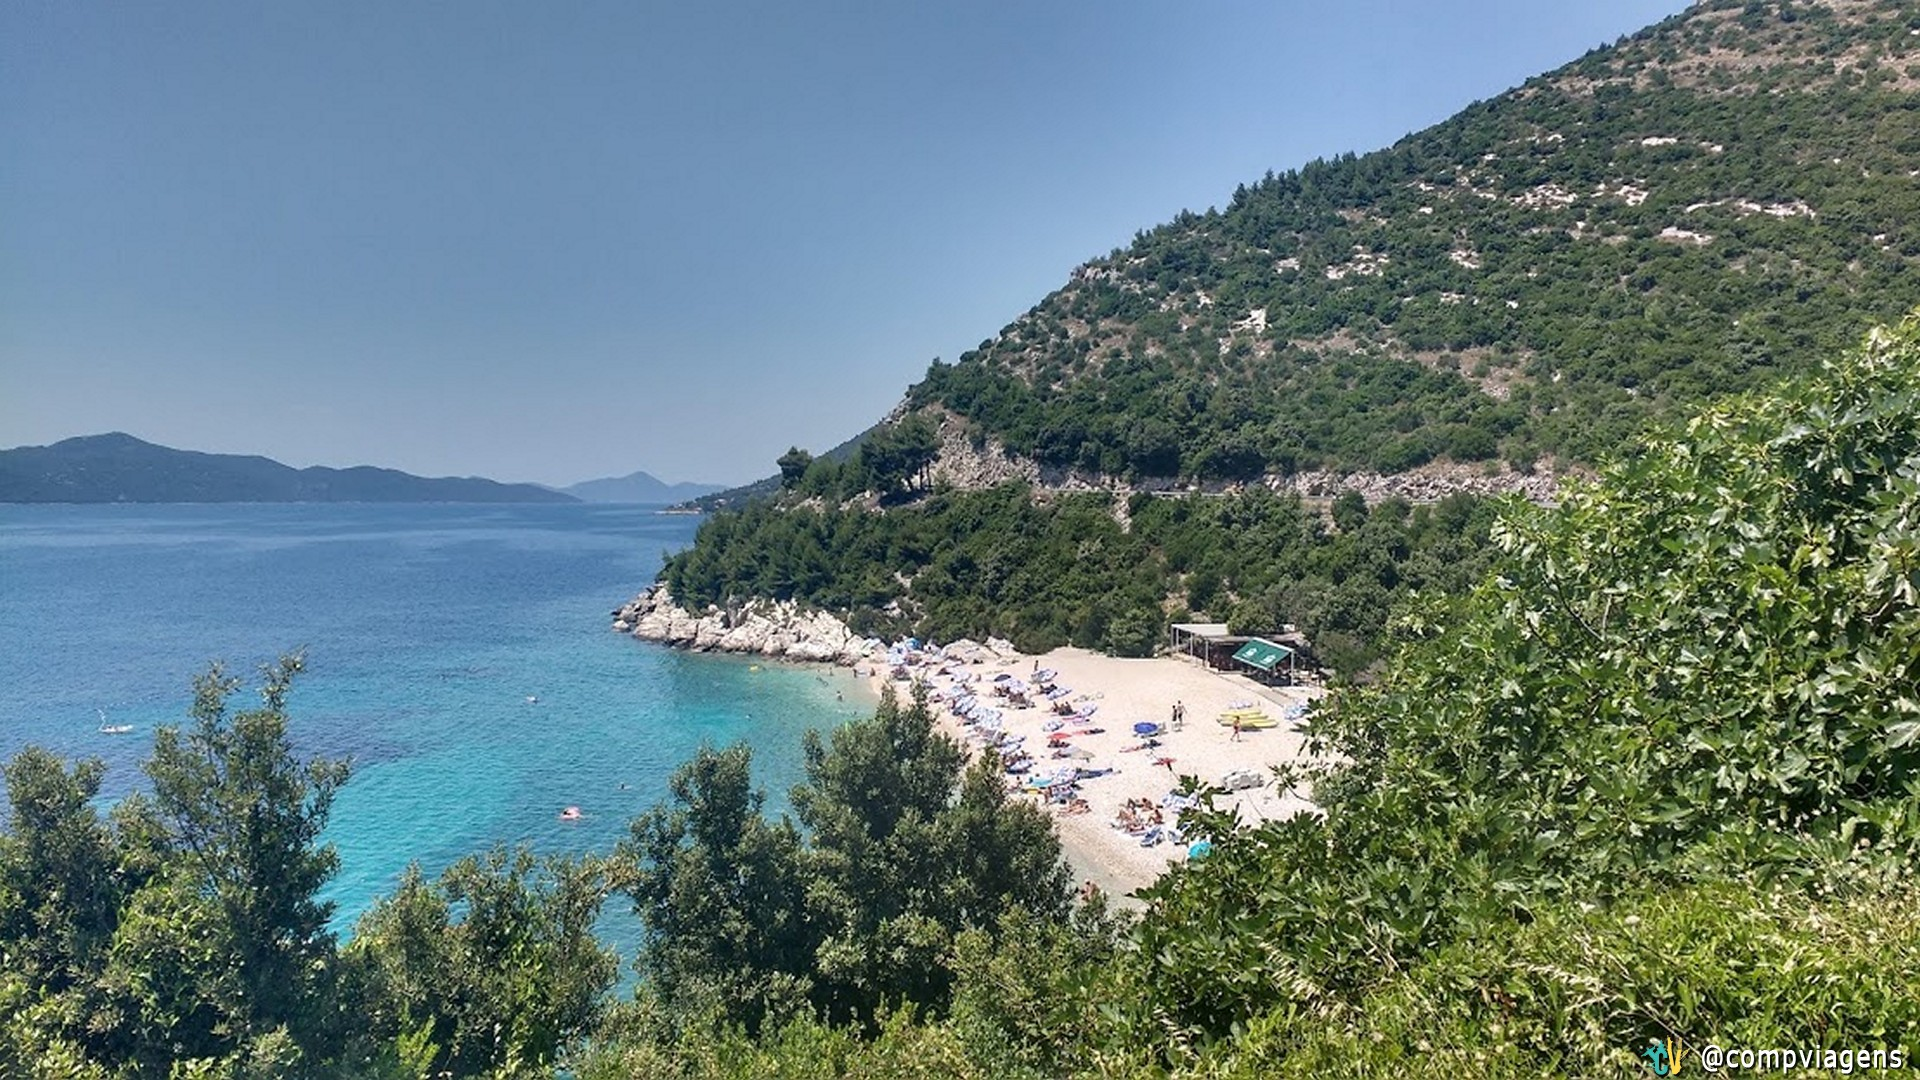 Paisagem no caminho entre Hvar e Dubrovnik. As estradas ficam entre as montanhas e são sinuosas